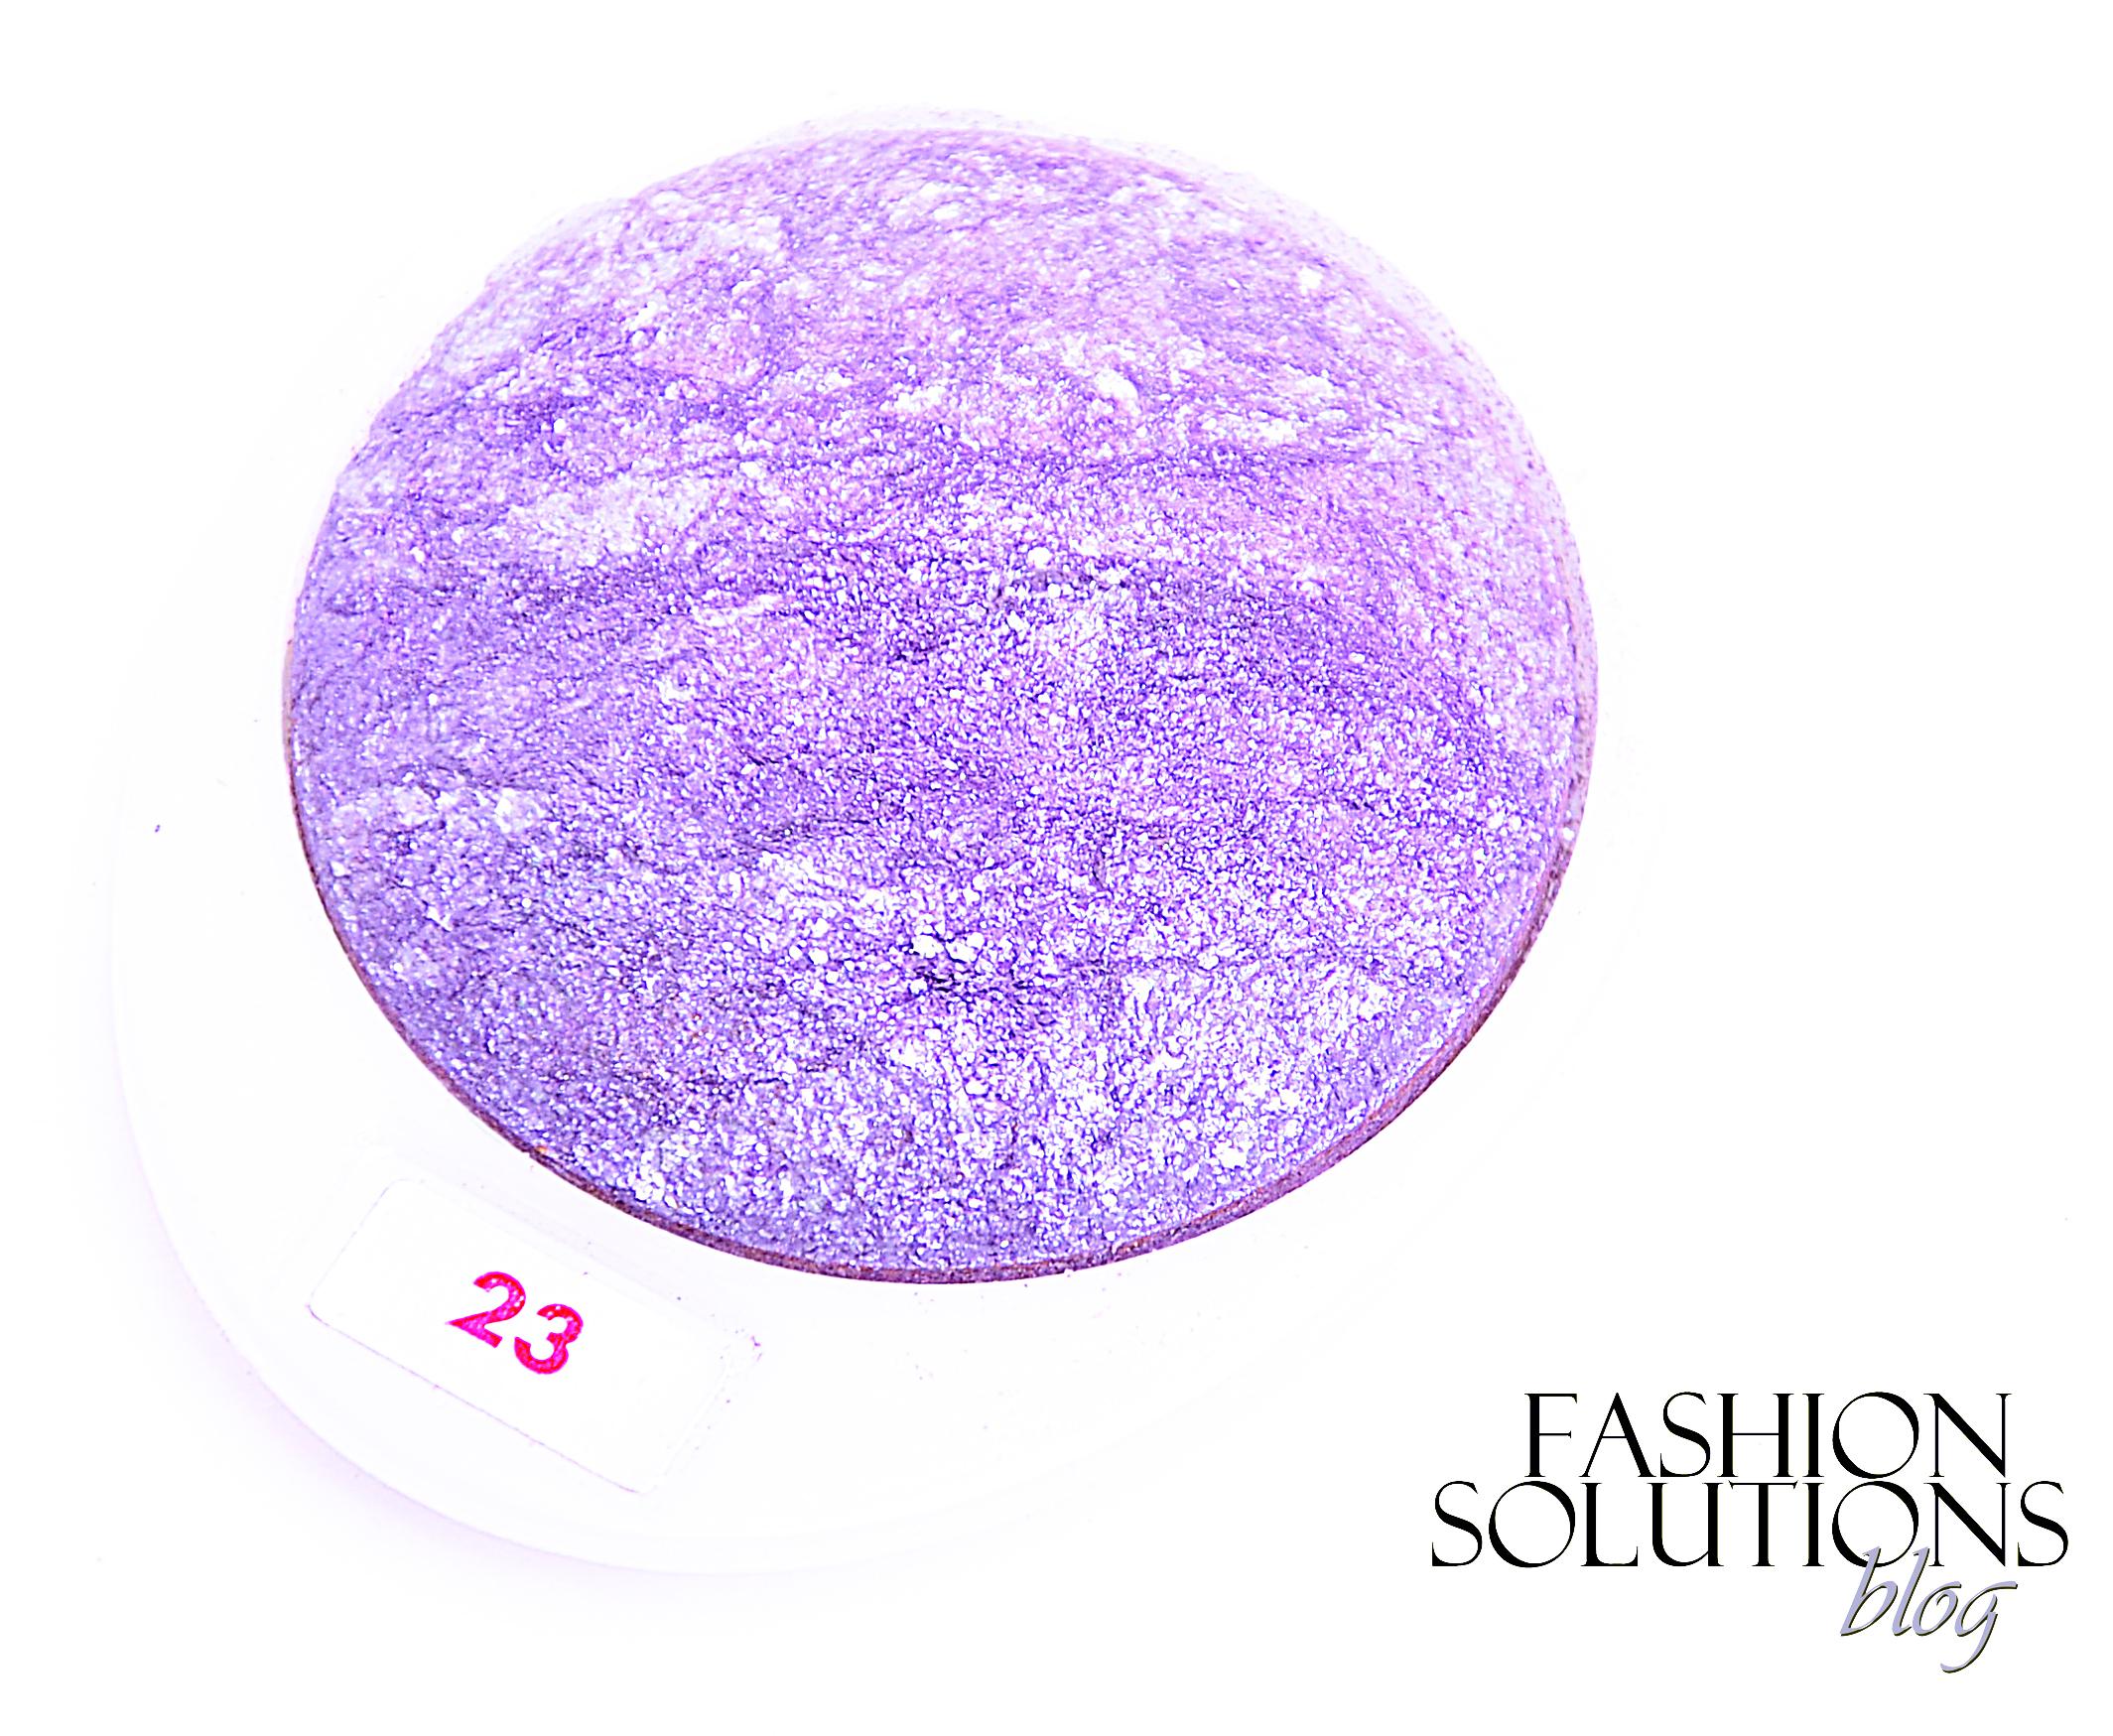 pupa luminys baked face powder 06 review